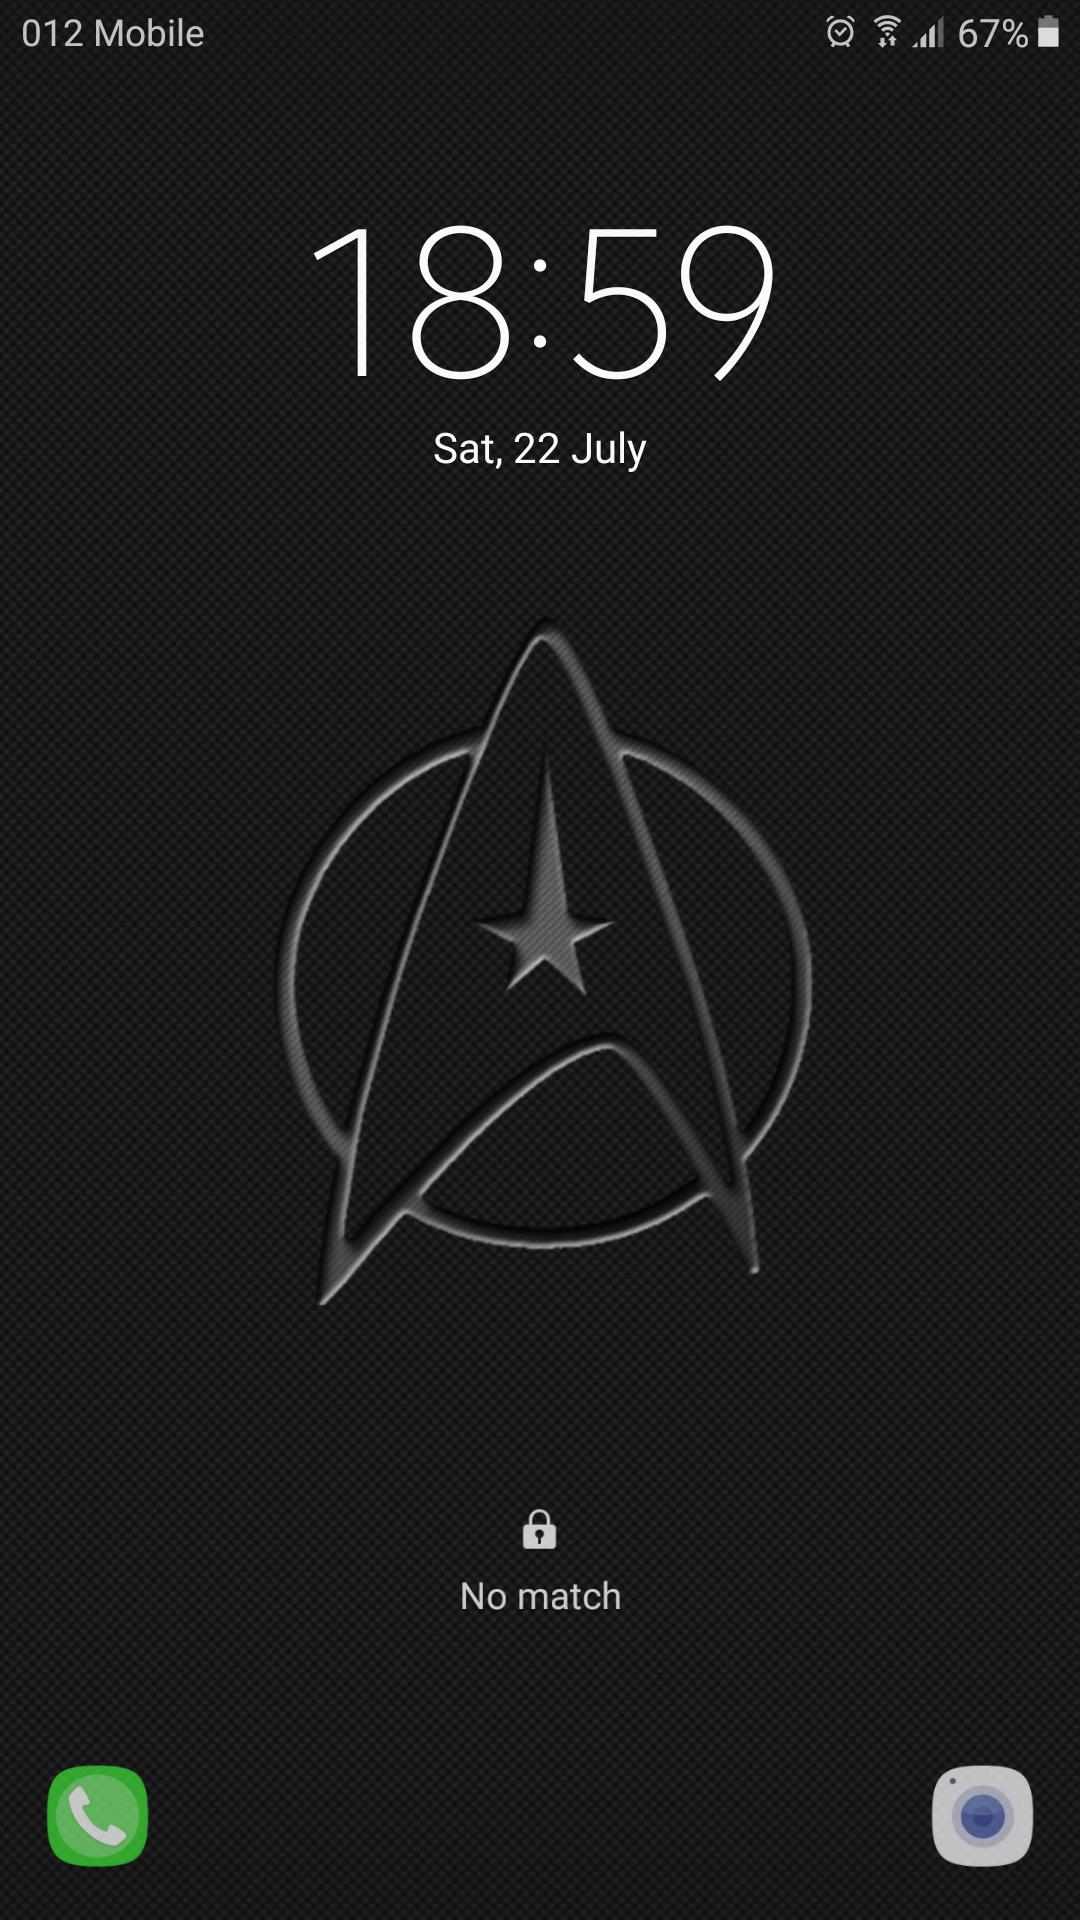 Star Trek wallpaper for my phone